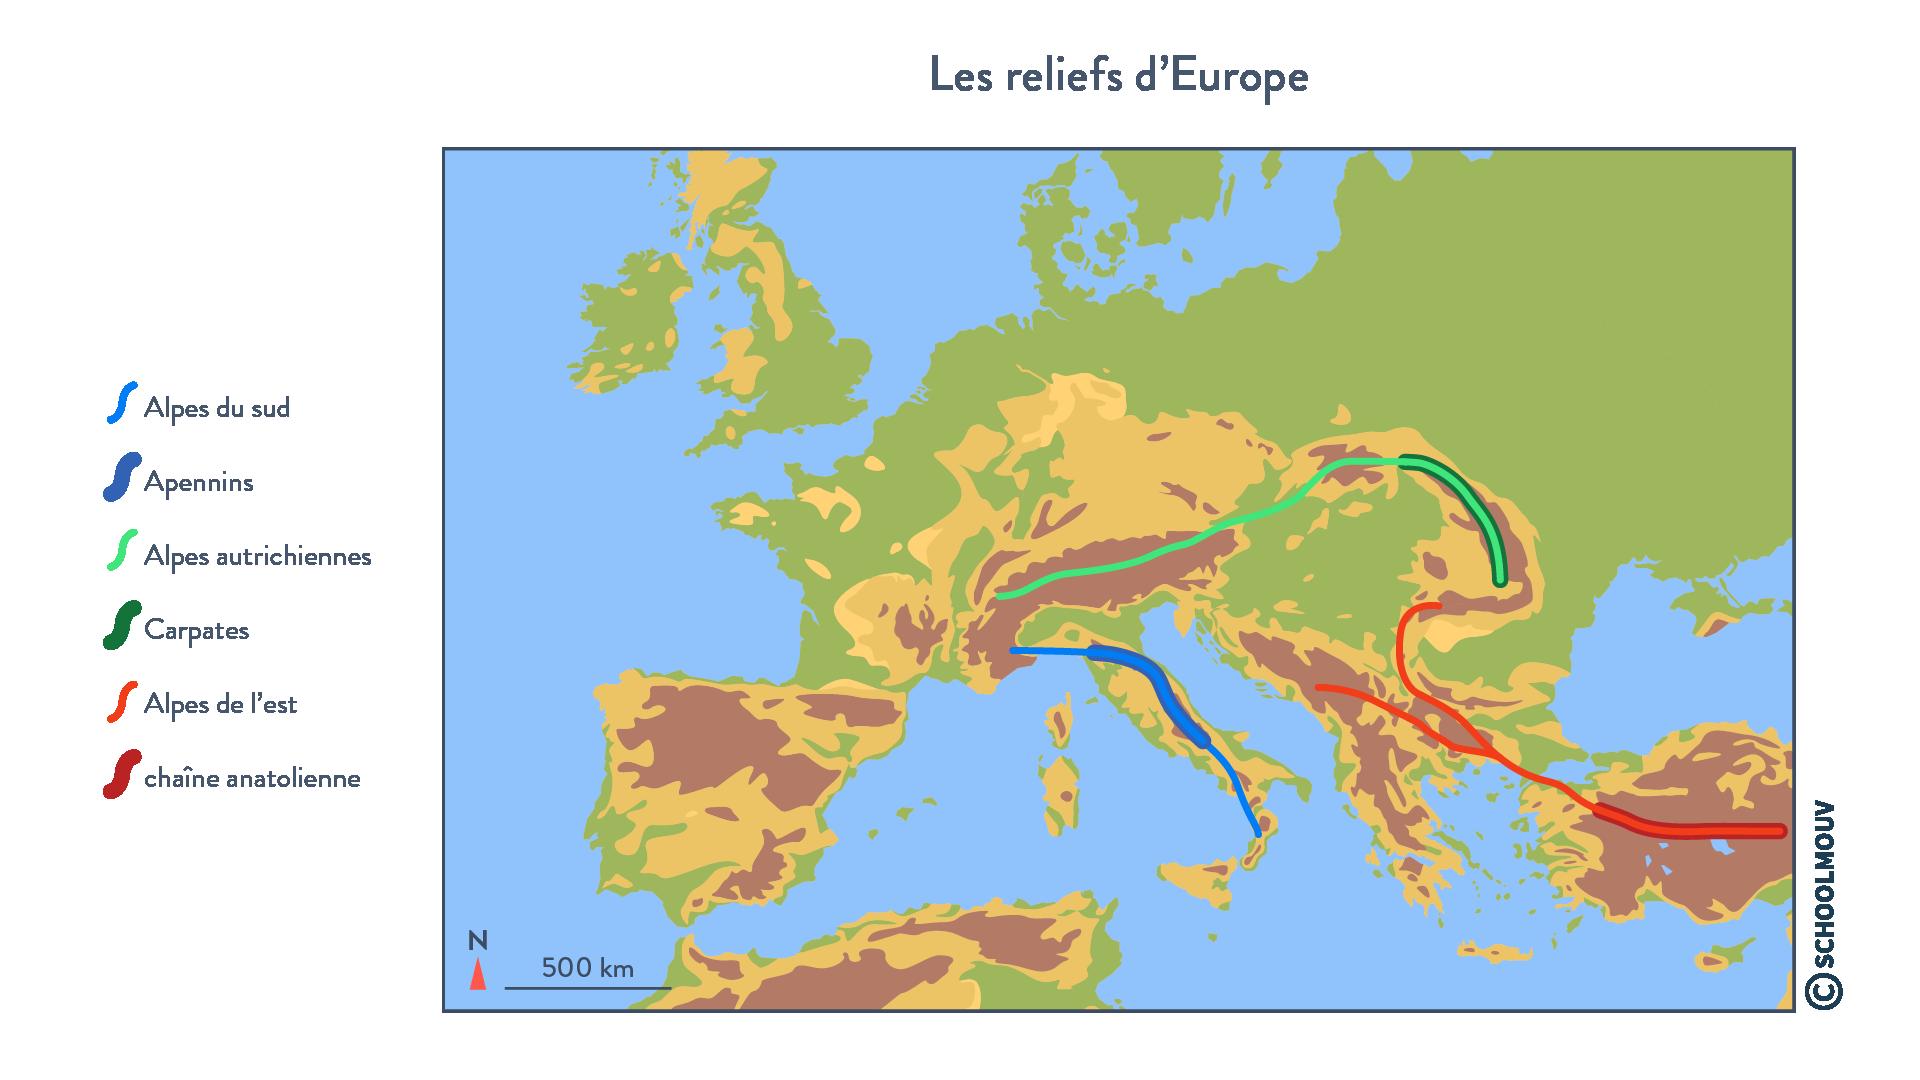 Les reliefs d'Europe